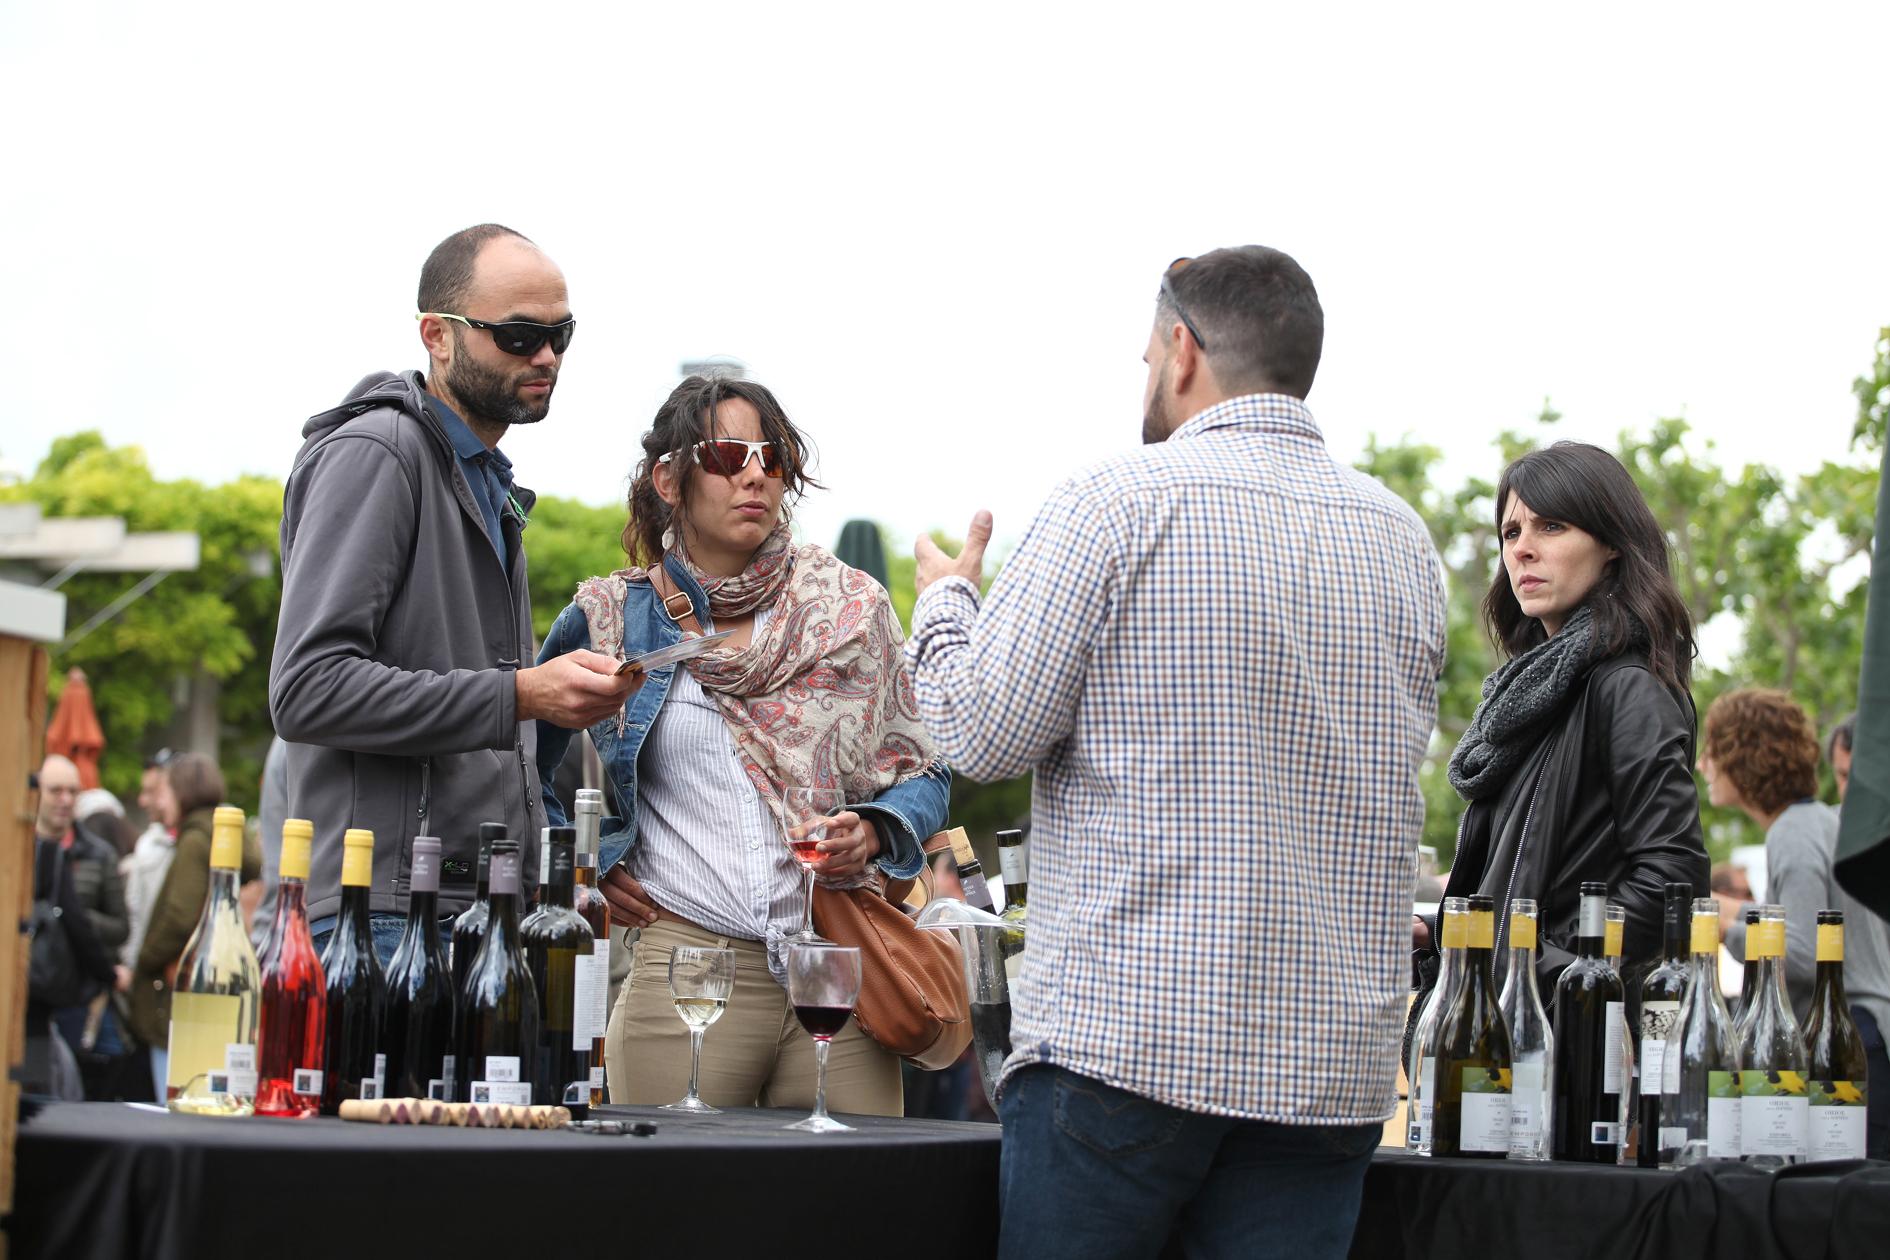 Roses celebra la Mostra de Vins DO Empordà, doblant el nombre de cellers participants